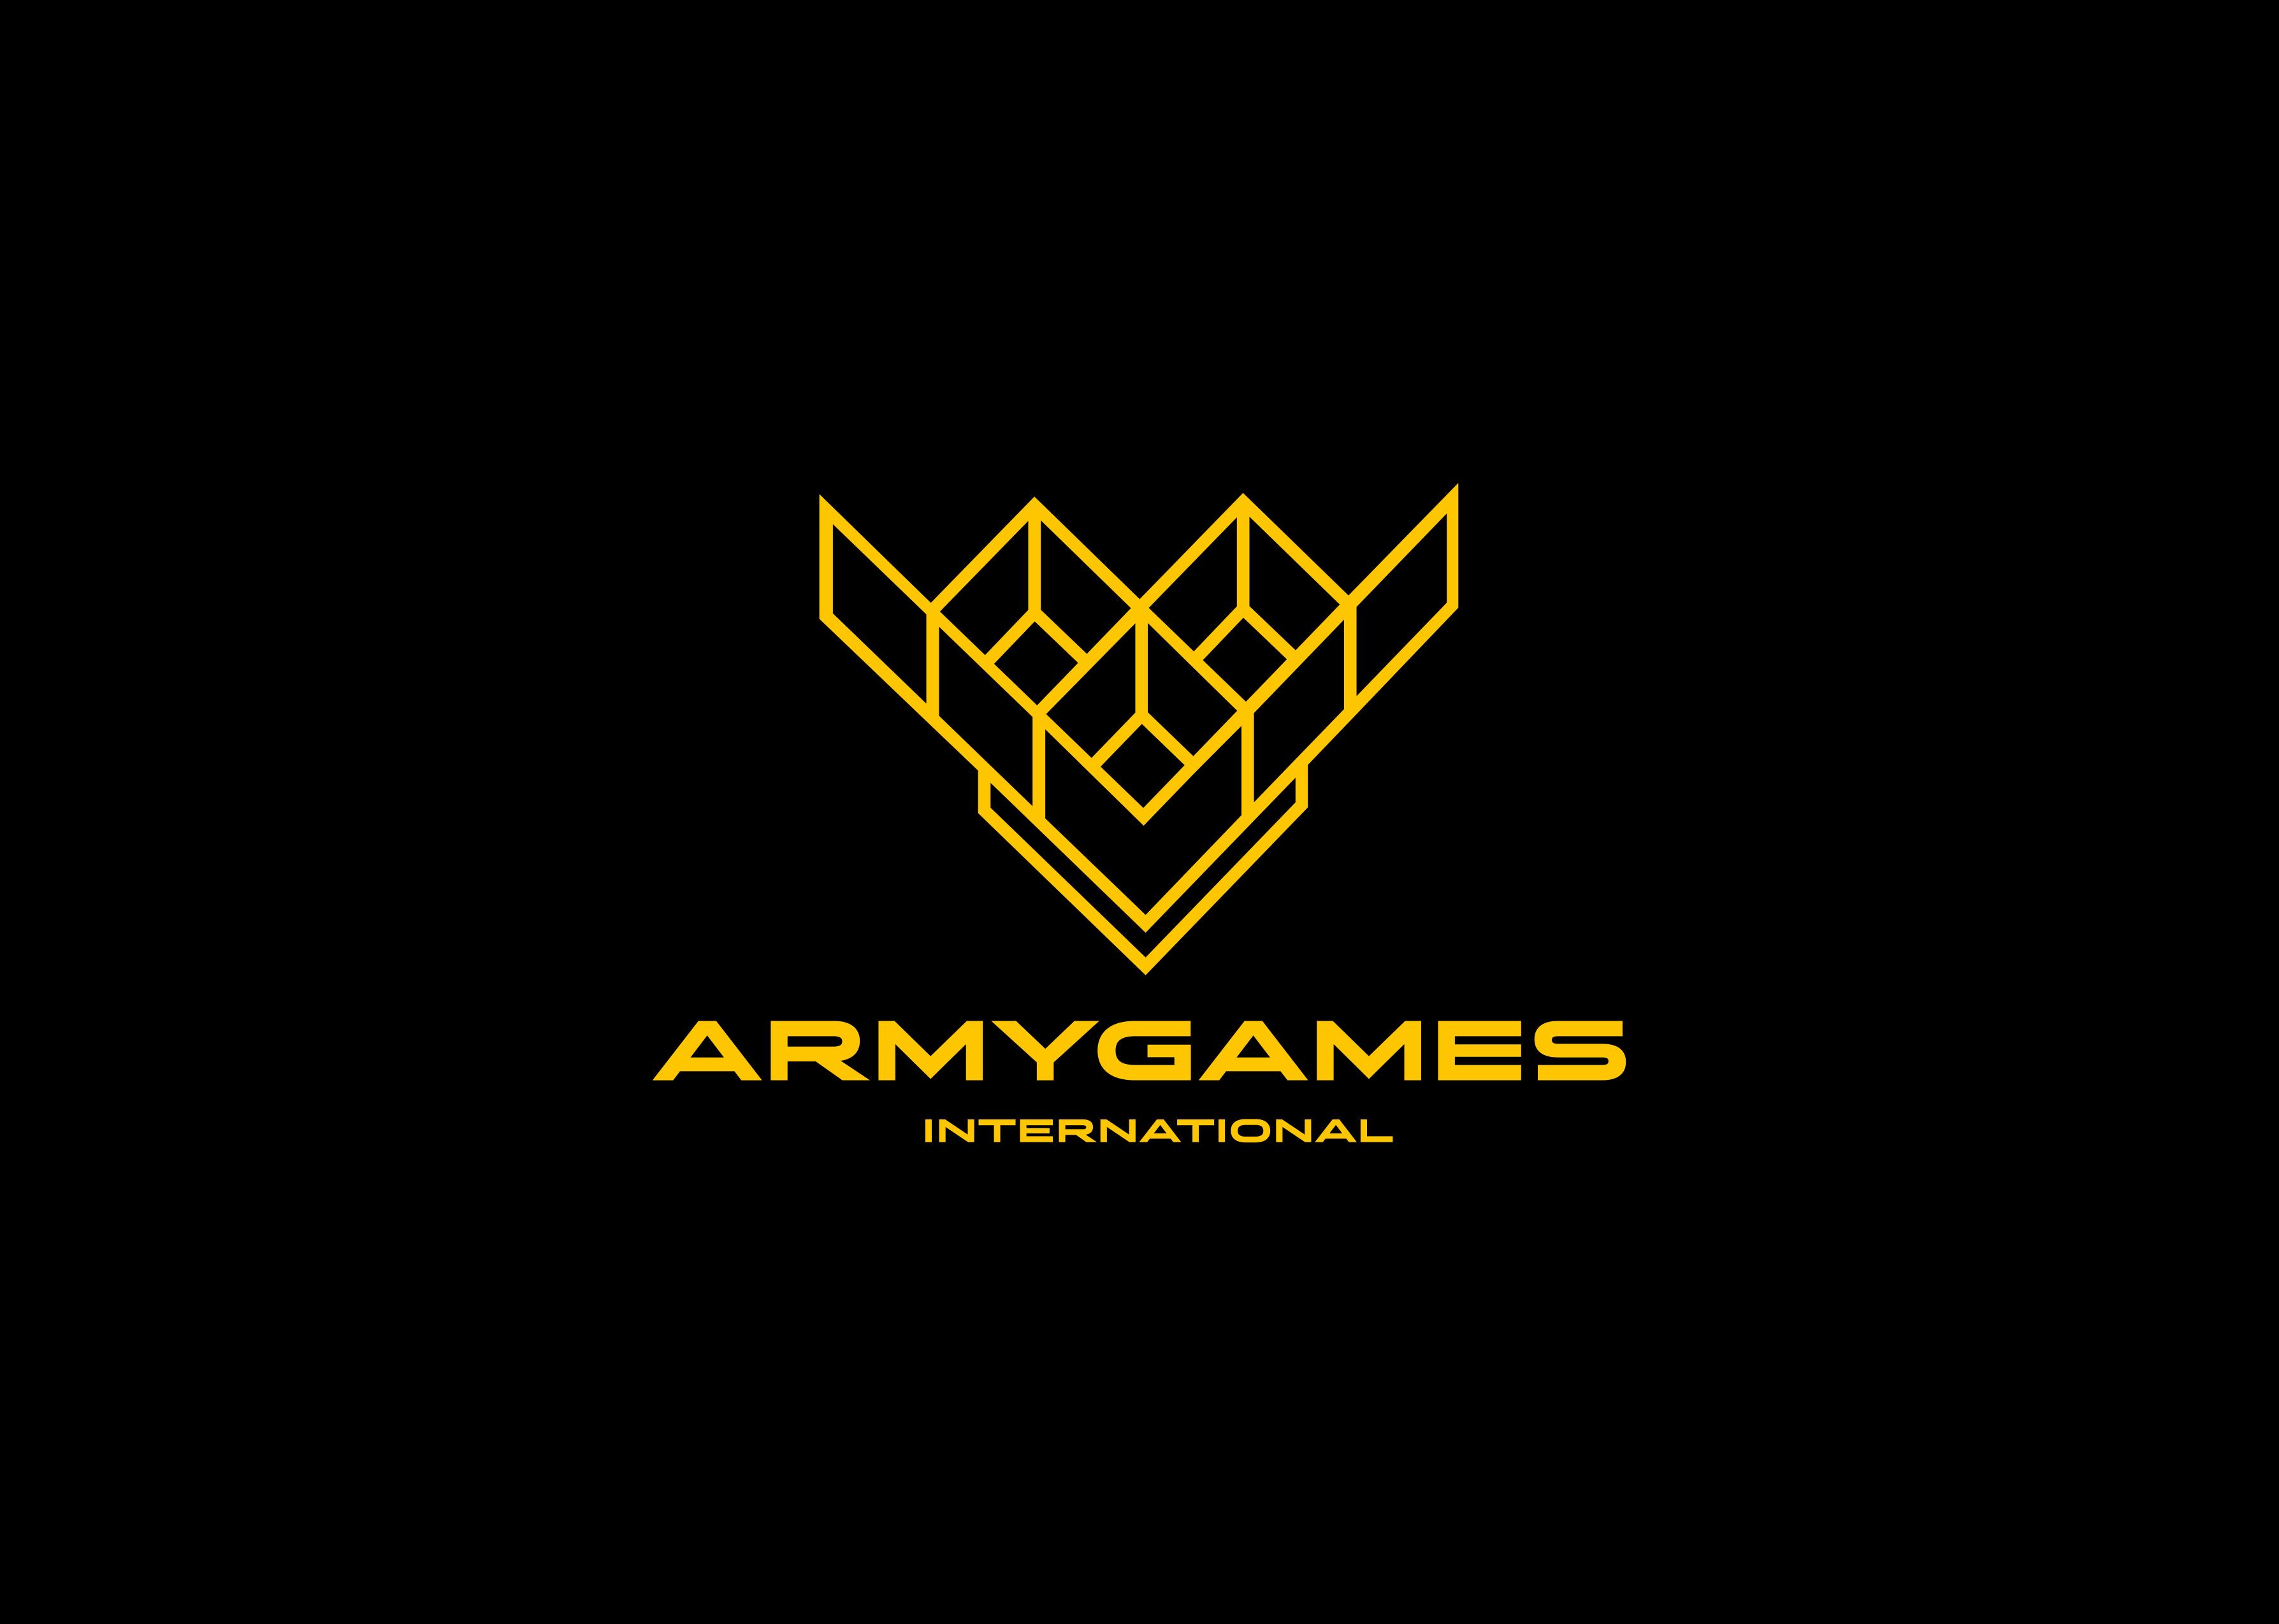 Министерство Шойгу запустило мультимедийный проект «Арми-2017»